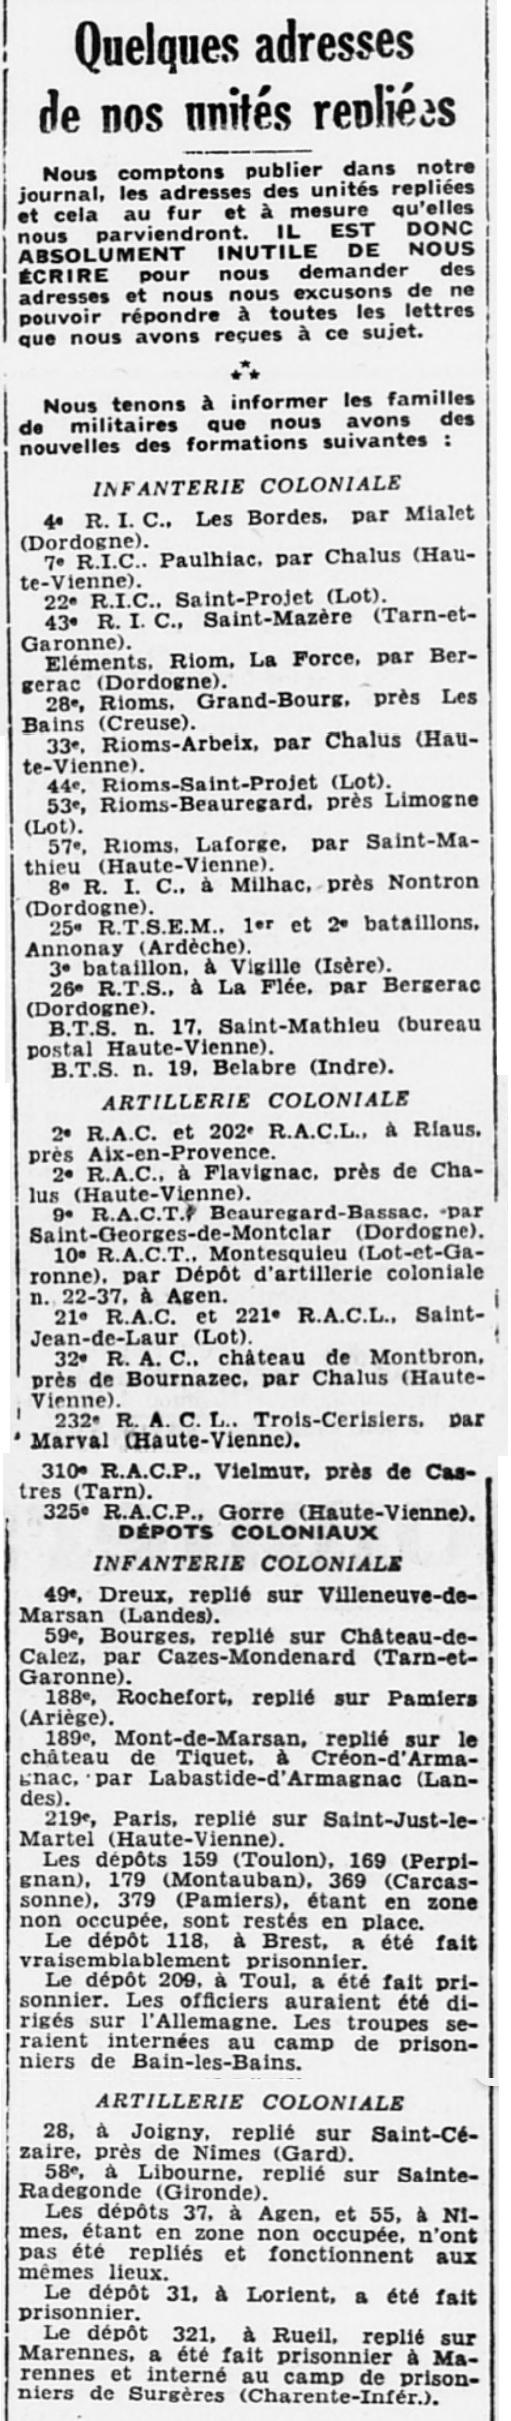 Liste des centres de repli des unités françaises 19400726